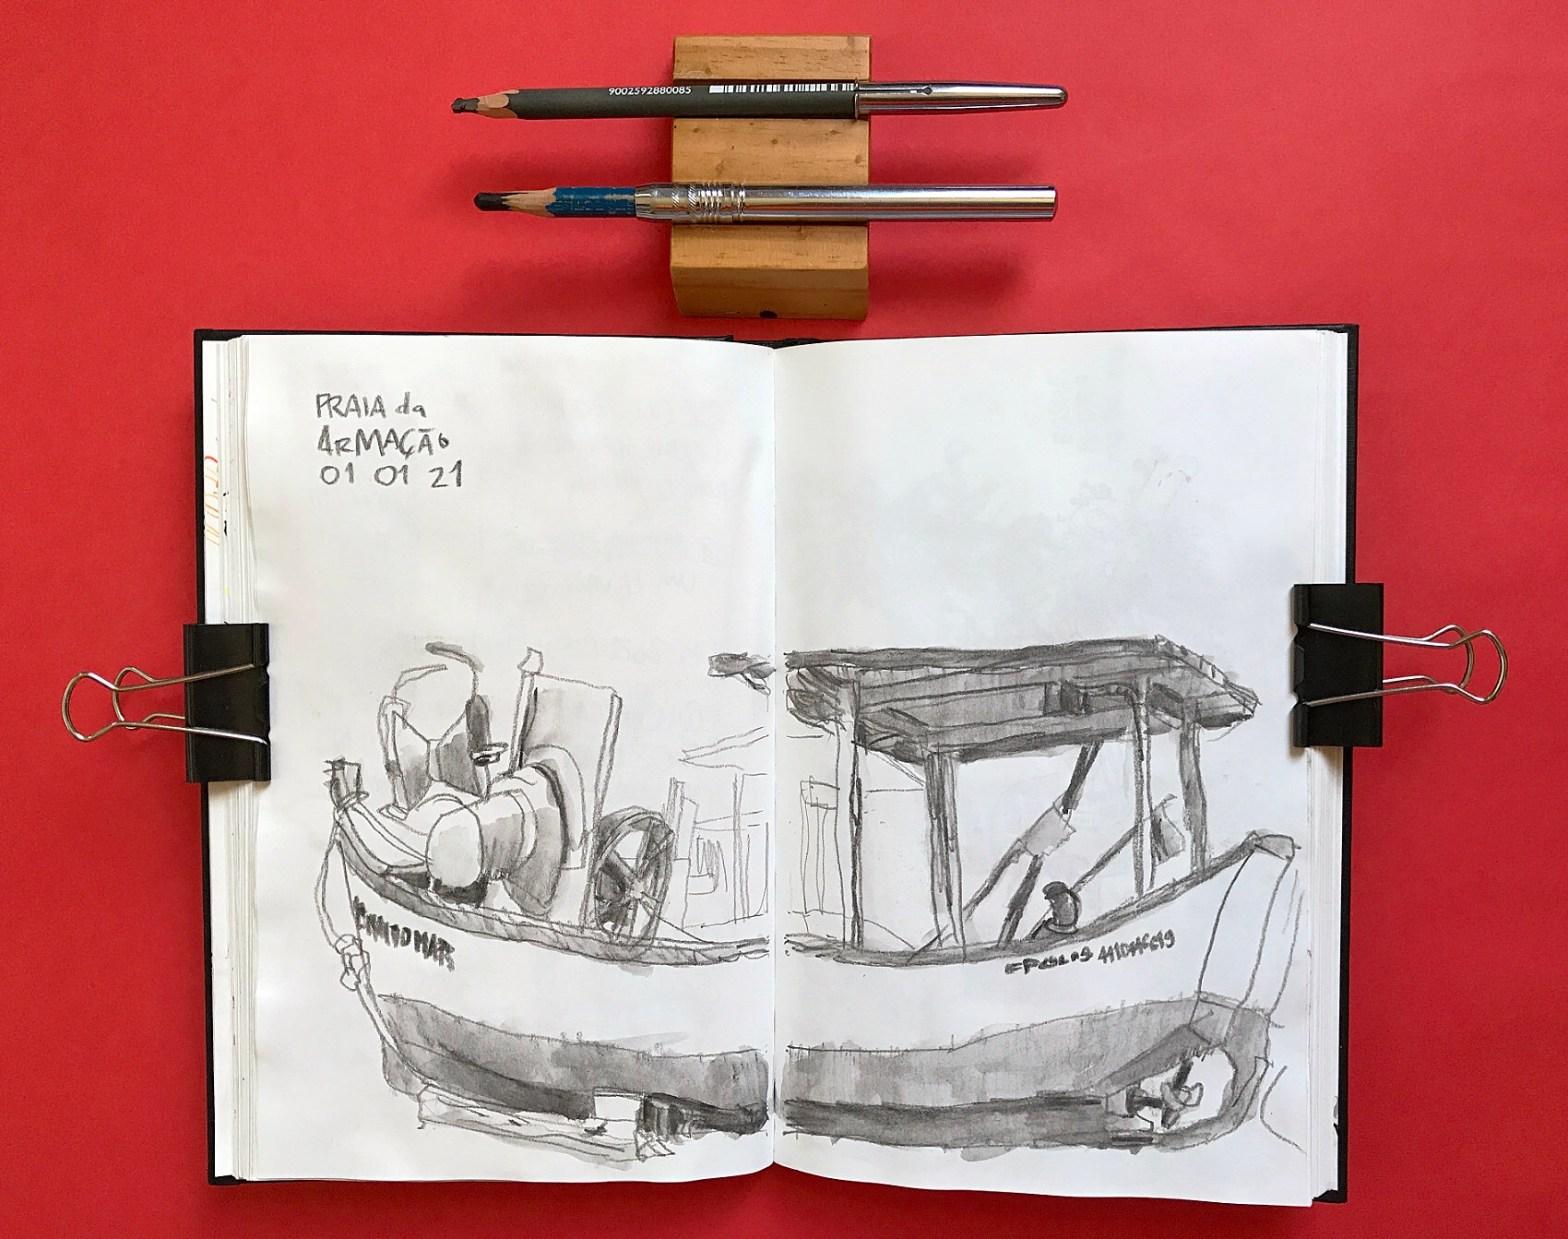 Foto de caderno aberto com desenho em página dupla de um barco de pesca. Acima do caderno, dois lápis.